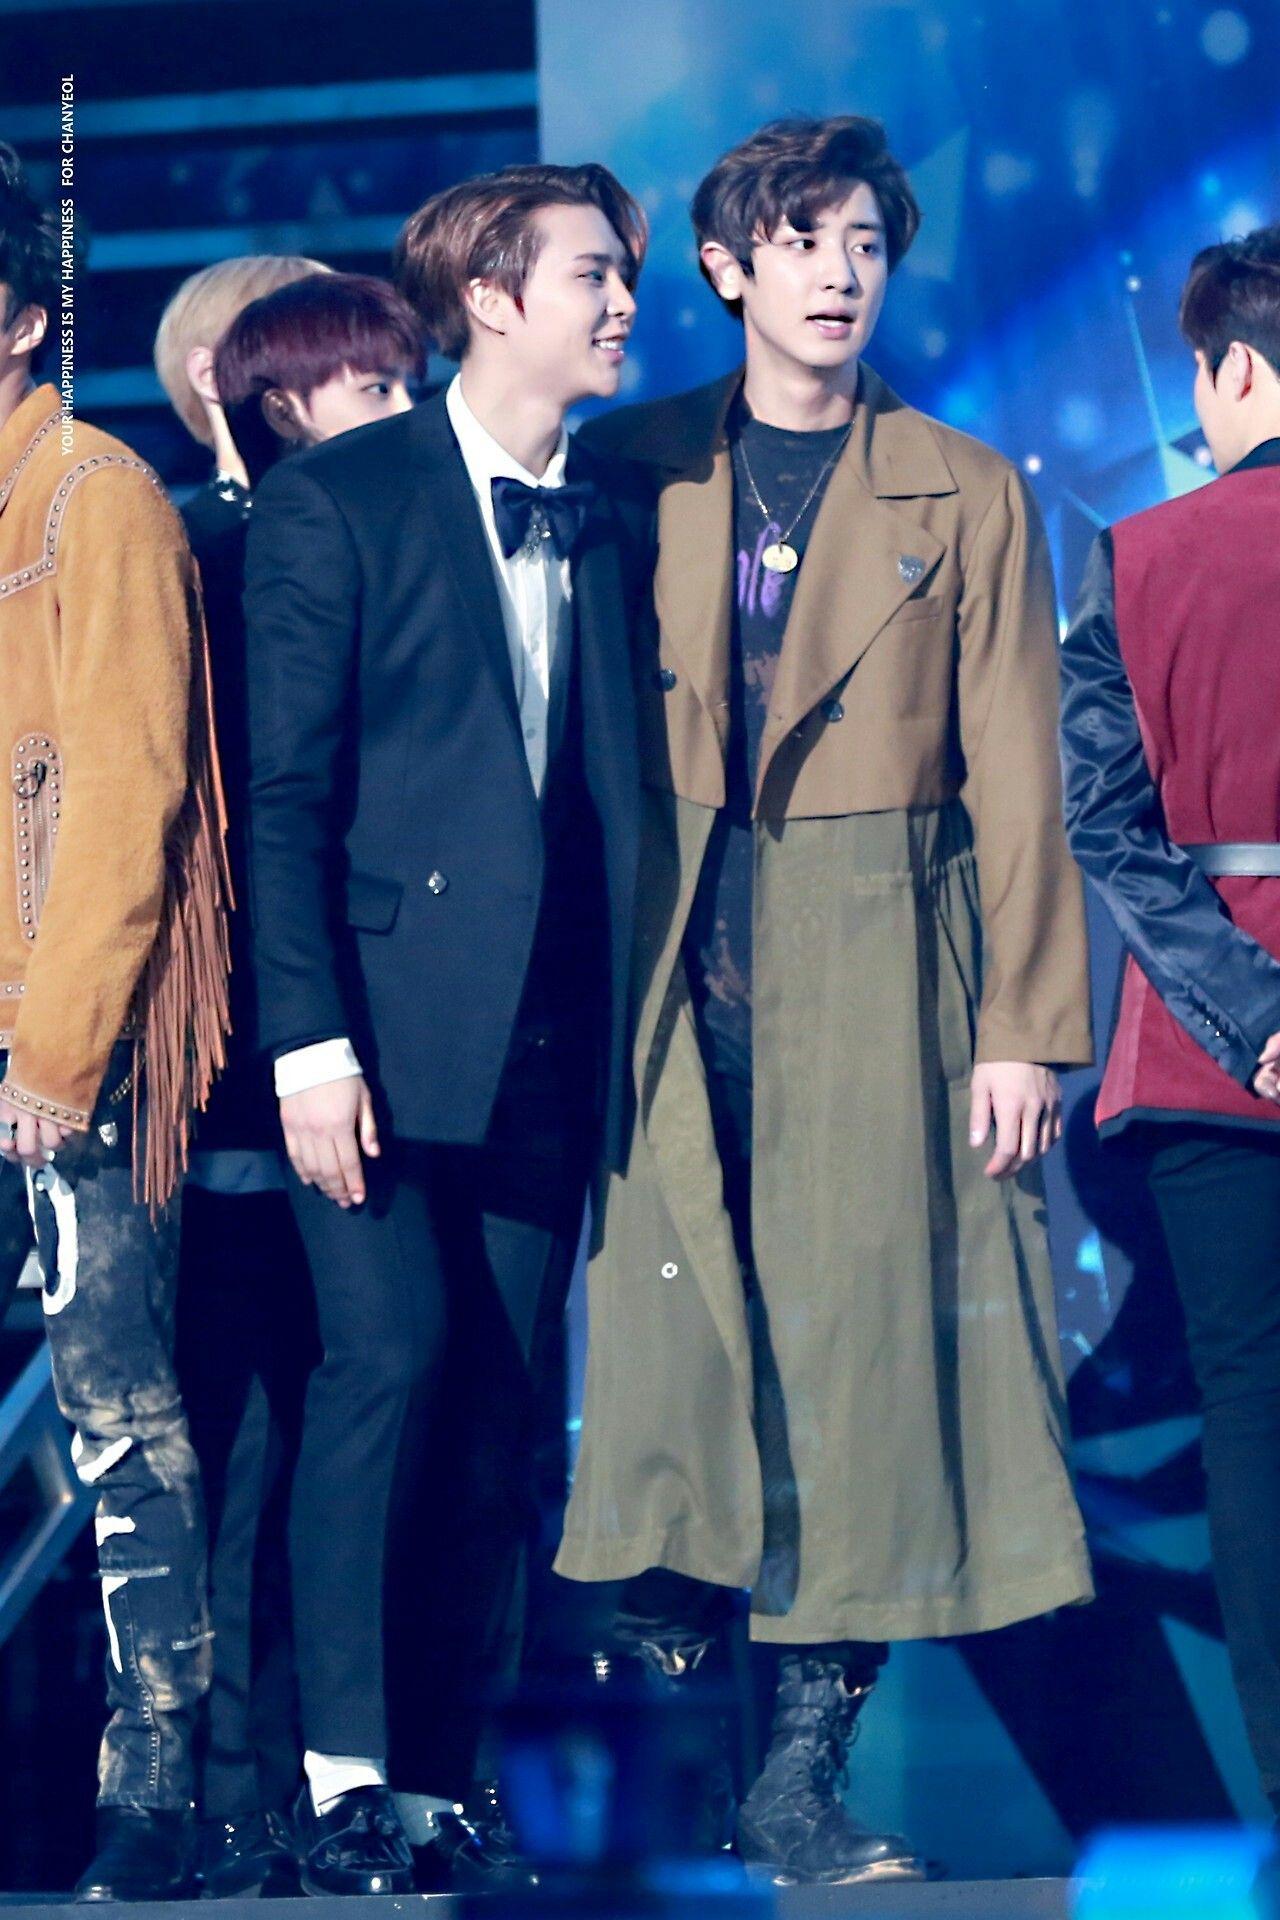 Chanyeol And Johnny Exo Nct Selebritas Nct Chanyeol